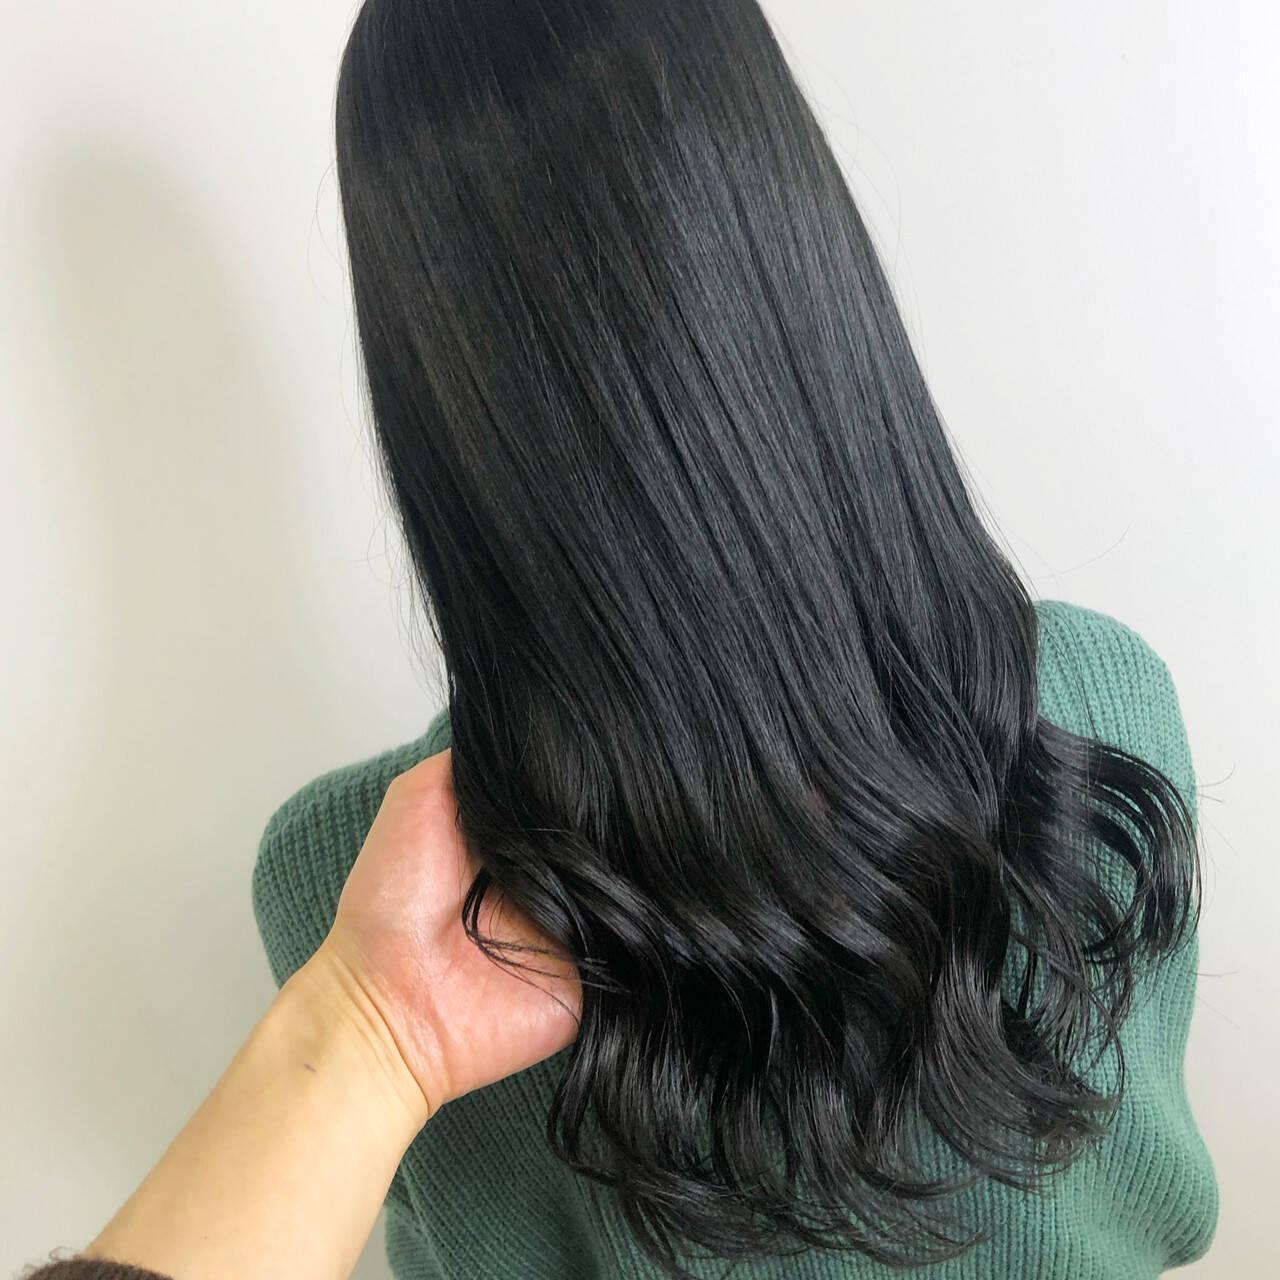 ロング ブルージュ ダークカラー 暗髪ヘアスタイルや髪型の写真・画像